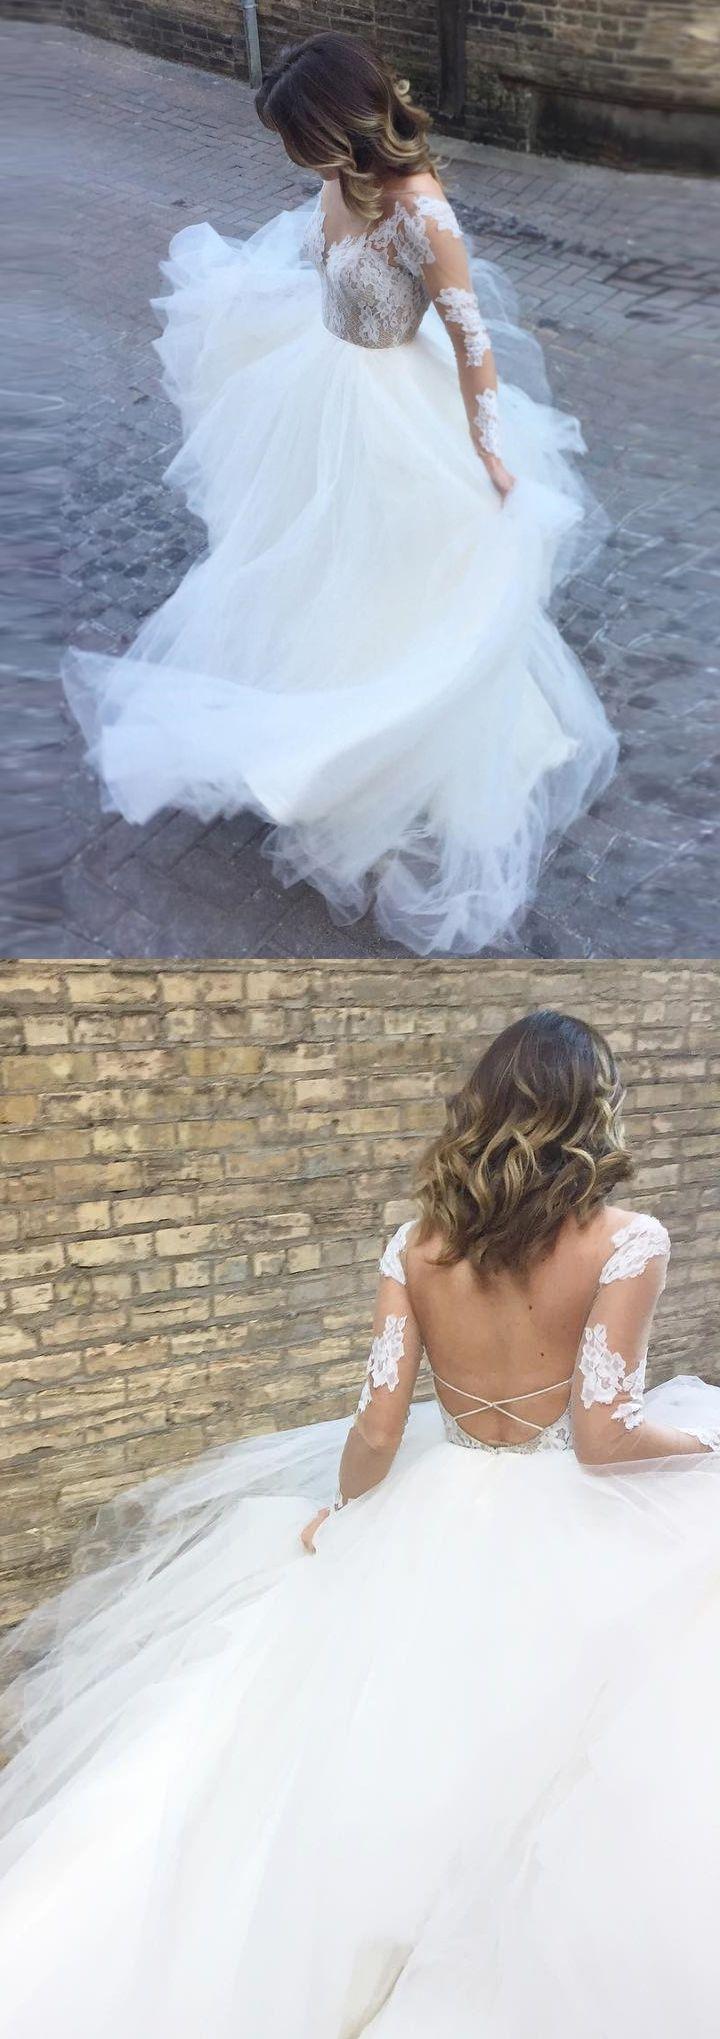 Wedding #laceweddingdresses #stunningweddingdresses #BarnWeddingIdeas